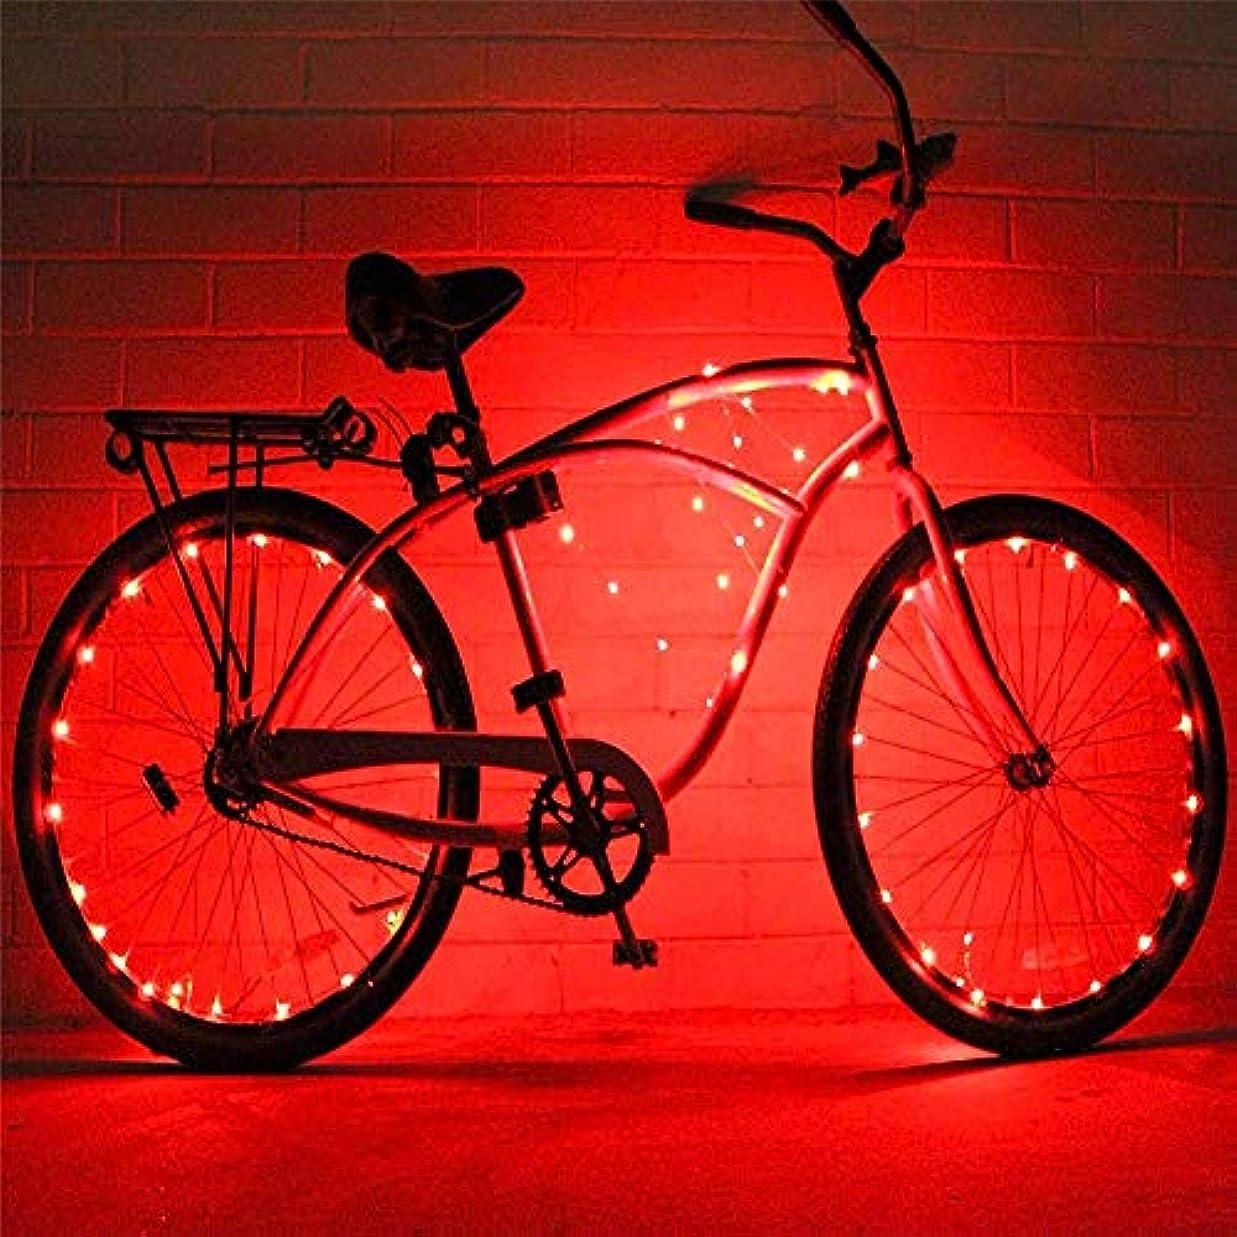 贅沢な写真を撮る展開する充電式自転車ライト 2セットの自転車ホイールライト文字列超明るいLED各種色自転車タイヤアクセサリー自転車リムライト自転車スポークライト超高輝度LED防水ホイールライトバイクライト (色 : 赤, サイズ : 2 pcs)